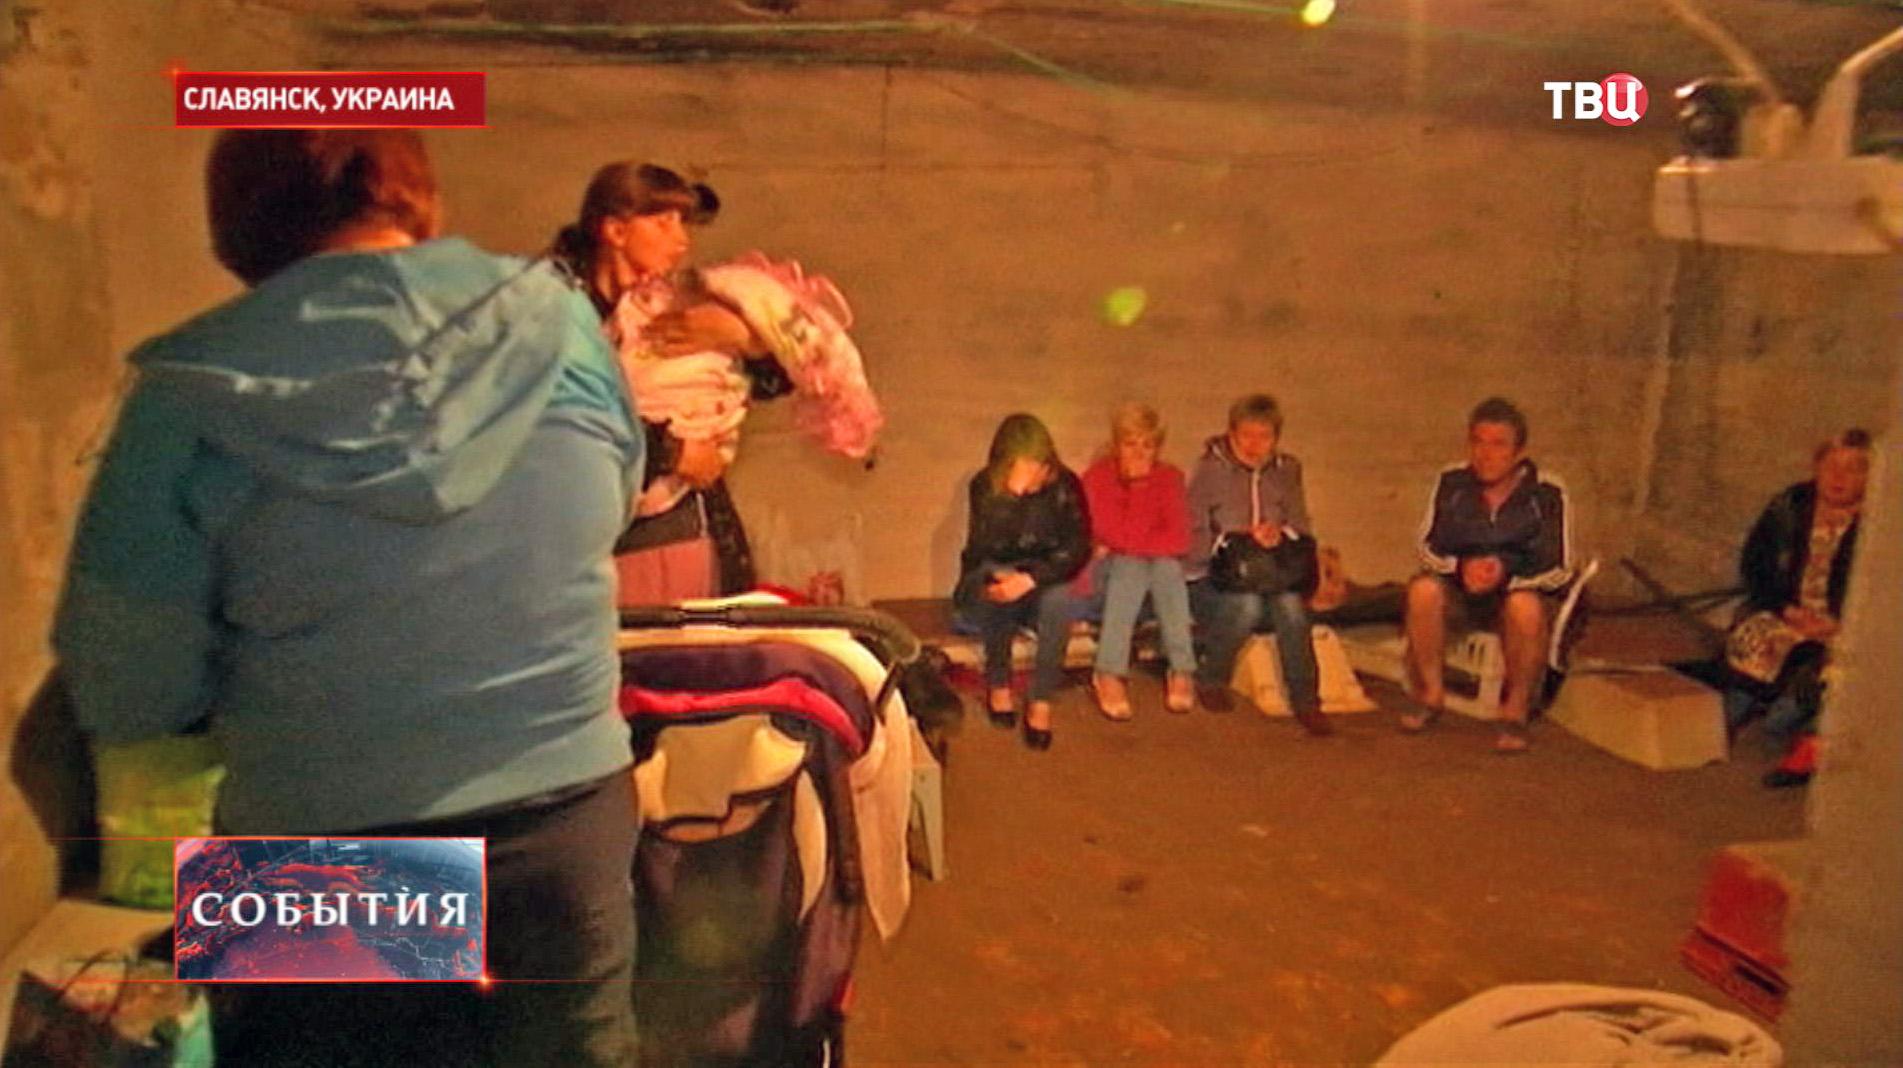 Жители Славянска укрываются подвале